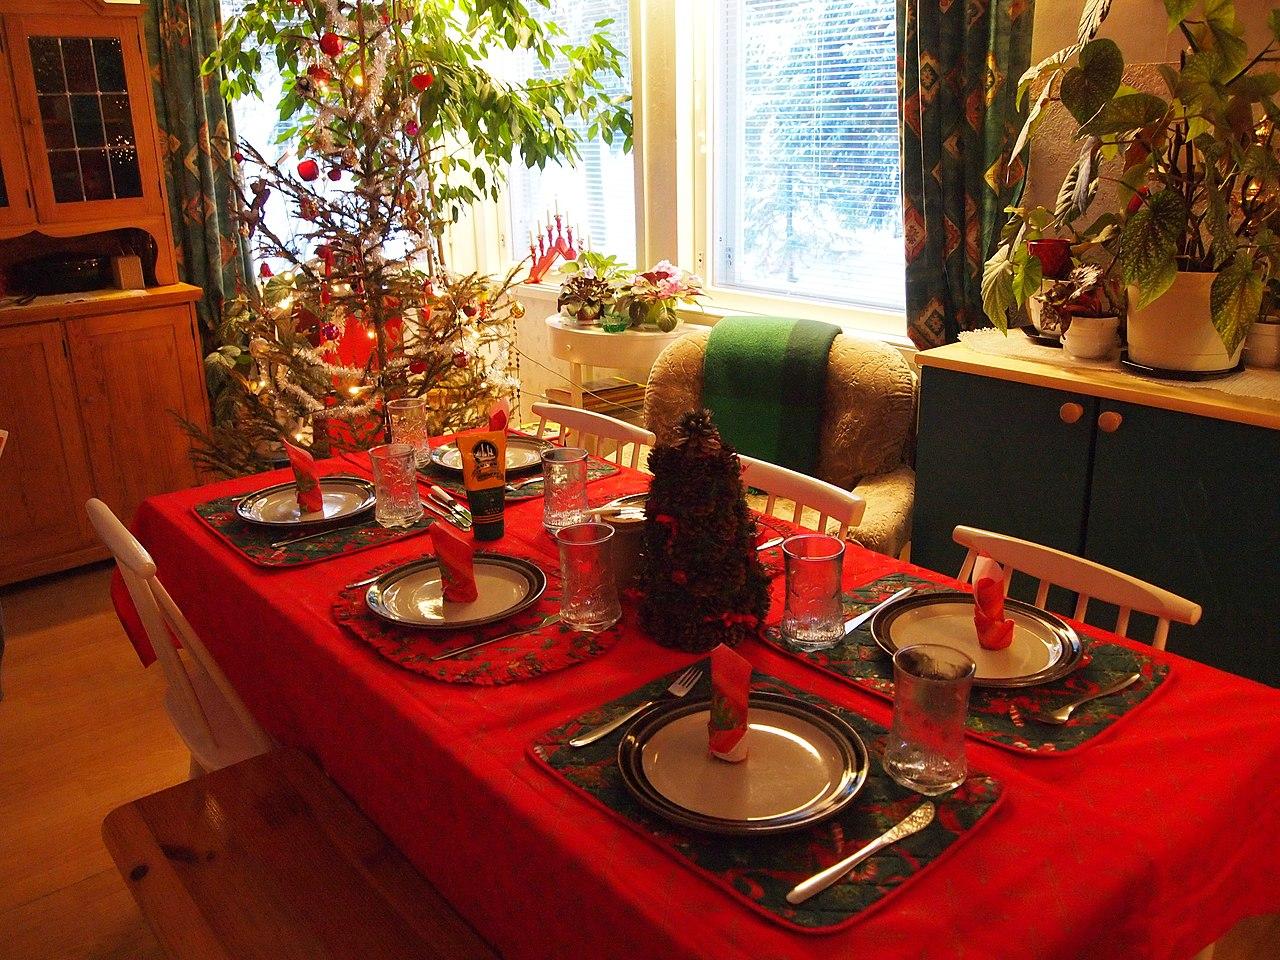 File:Christmas dinner table (5300036540).jpg - Wikimedia Commons